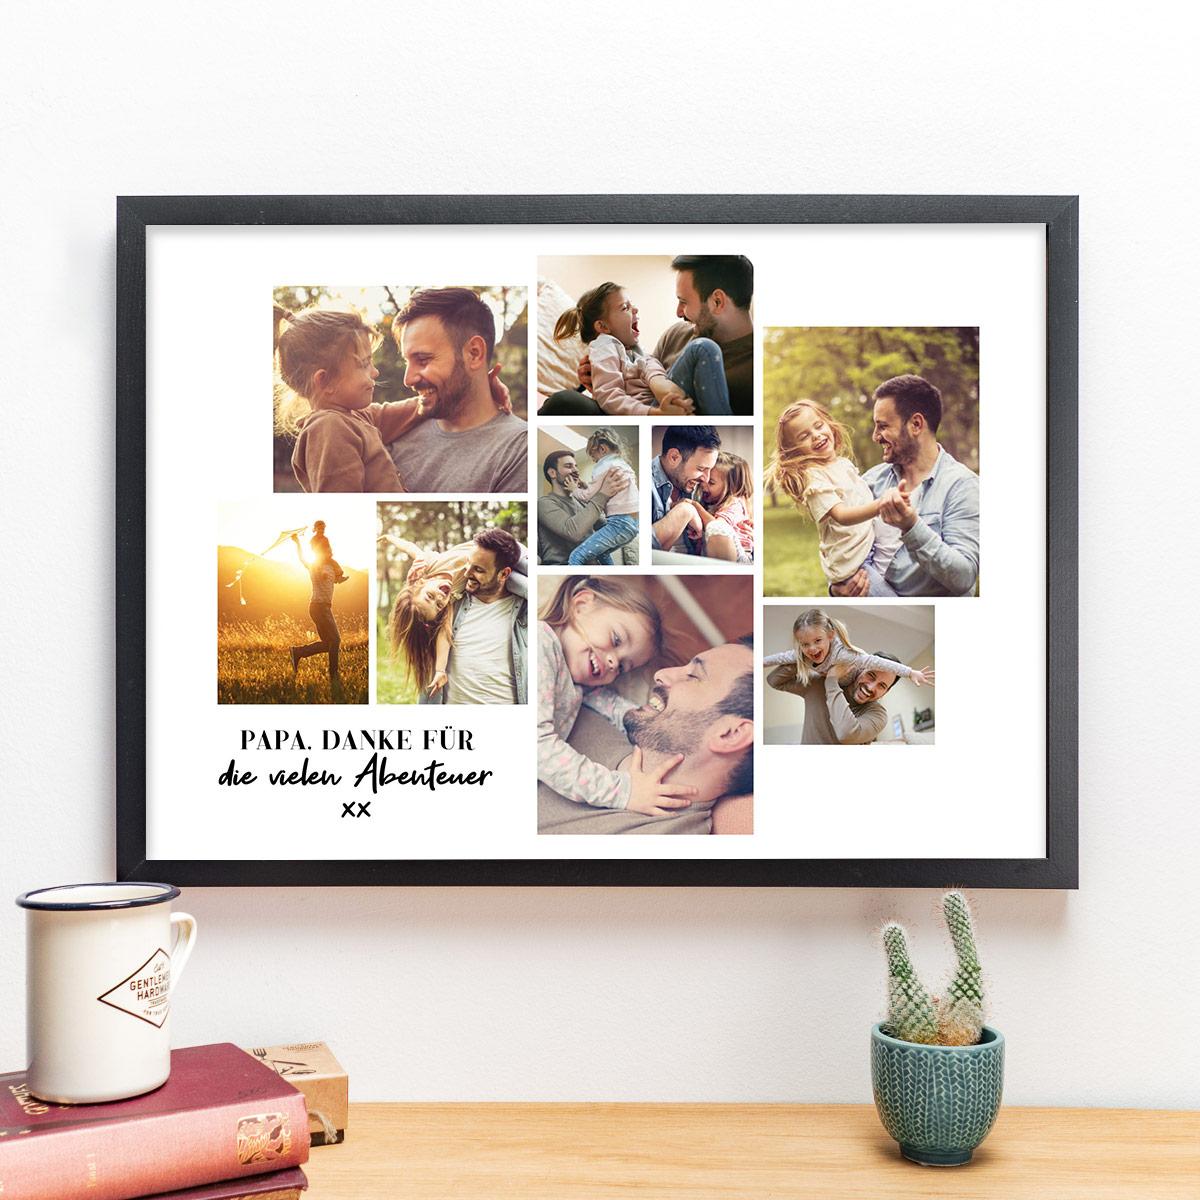 Vatertagsgeschenke personalsierbares Poster mit Bildern und Text